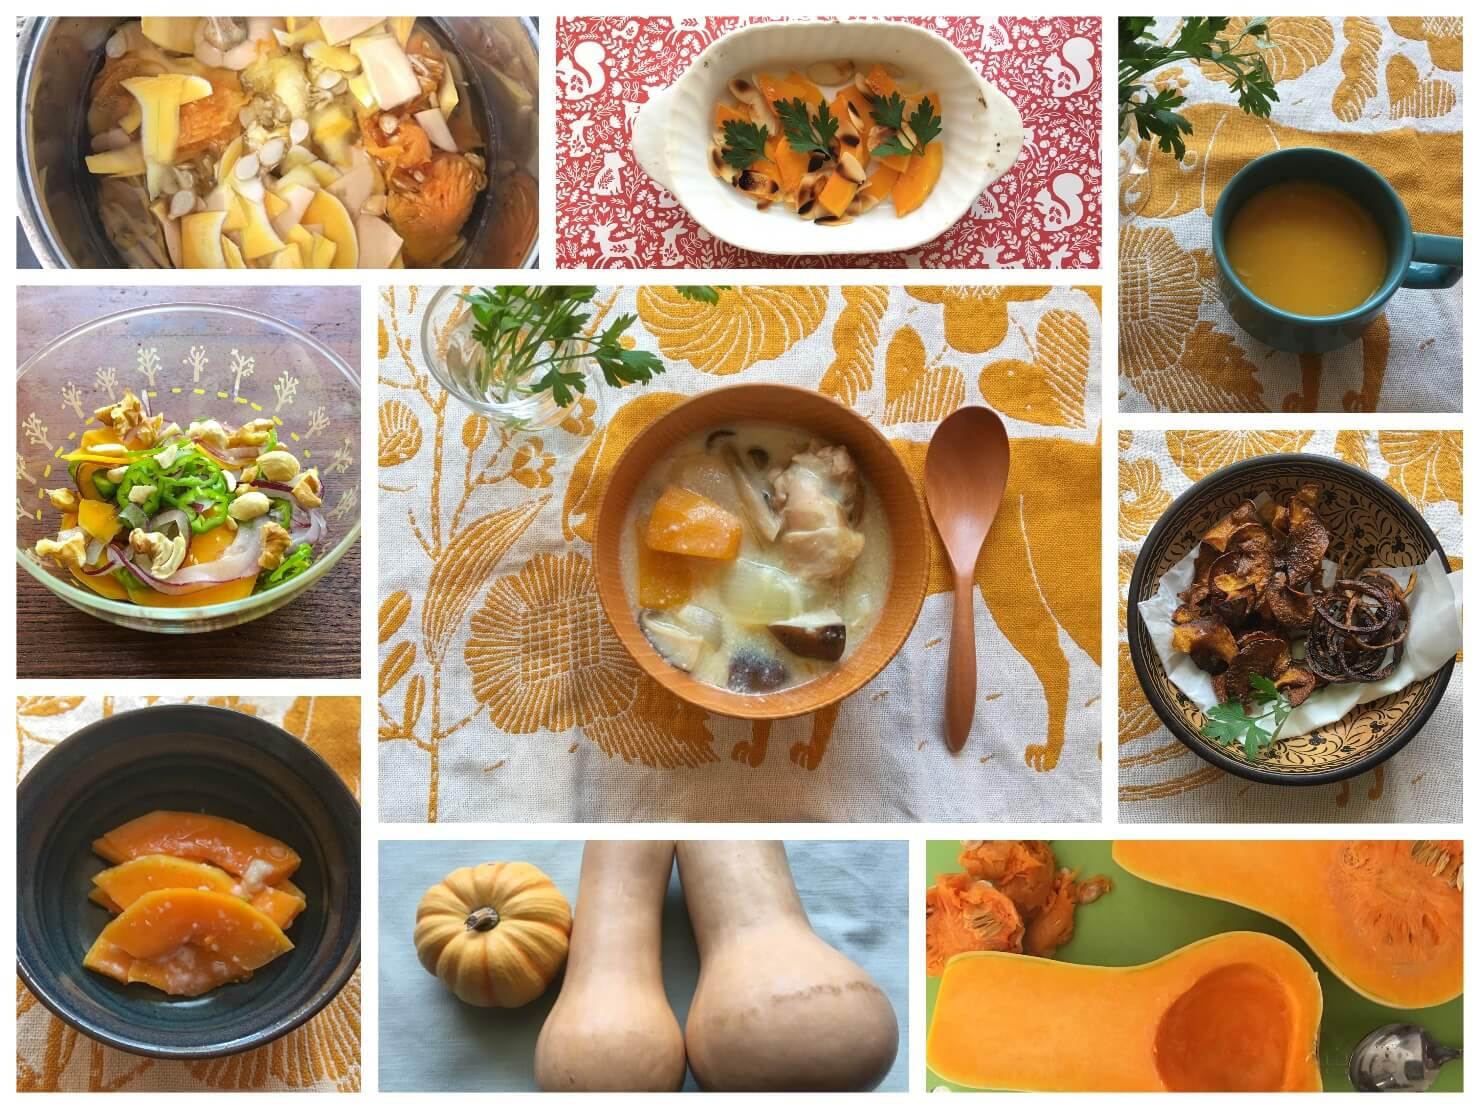 バターナッツかぼちゃやバターナッツかぼちゃ料理のコラージュ